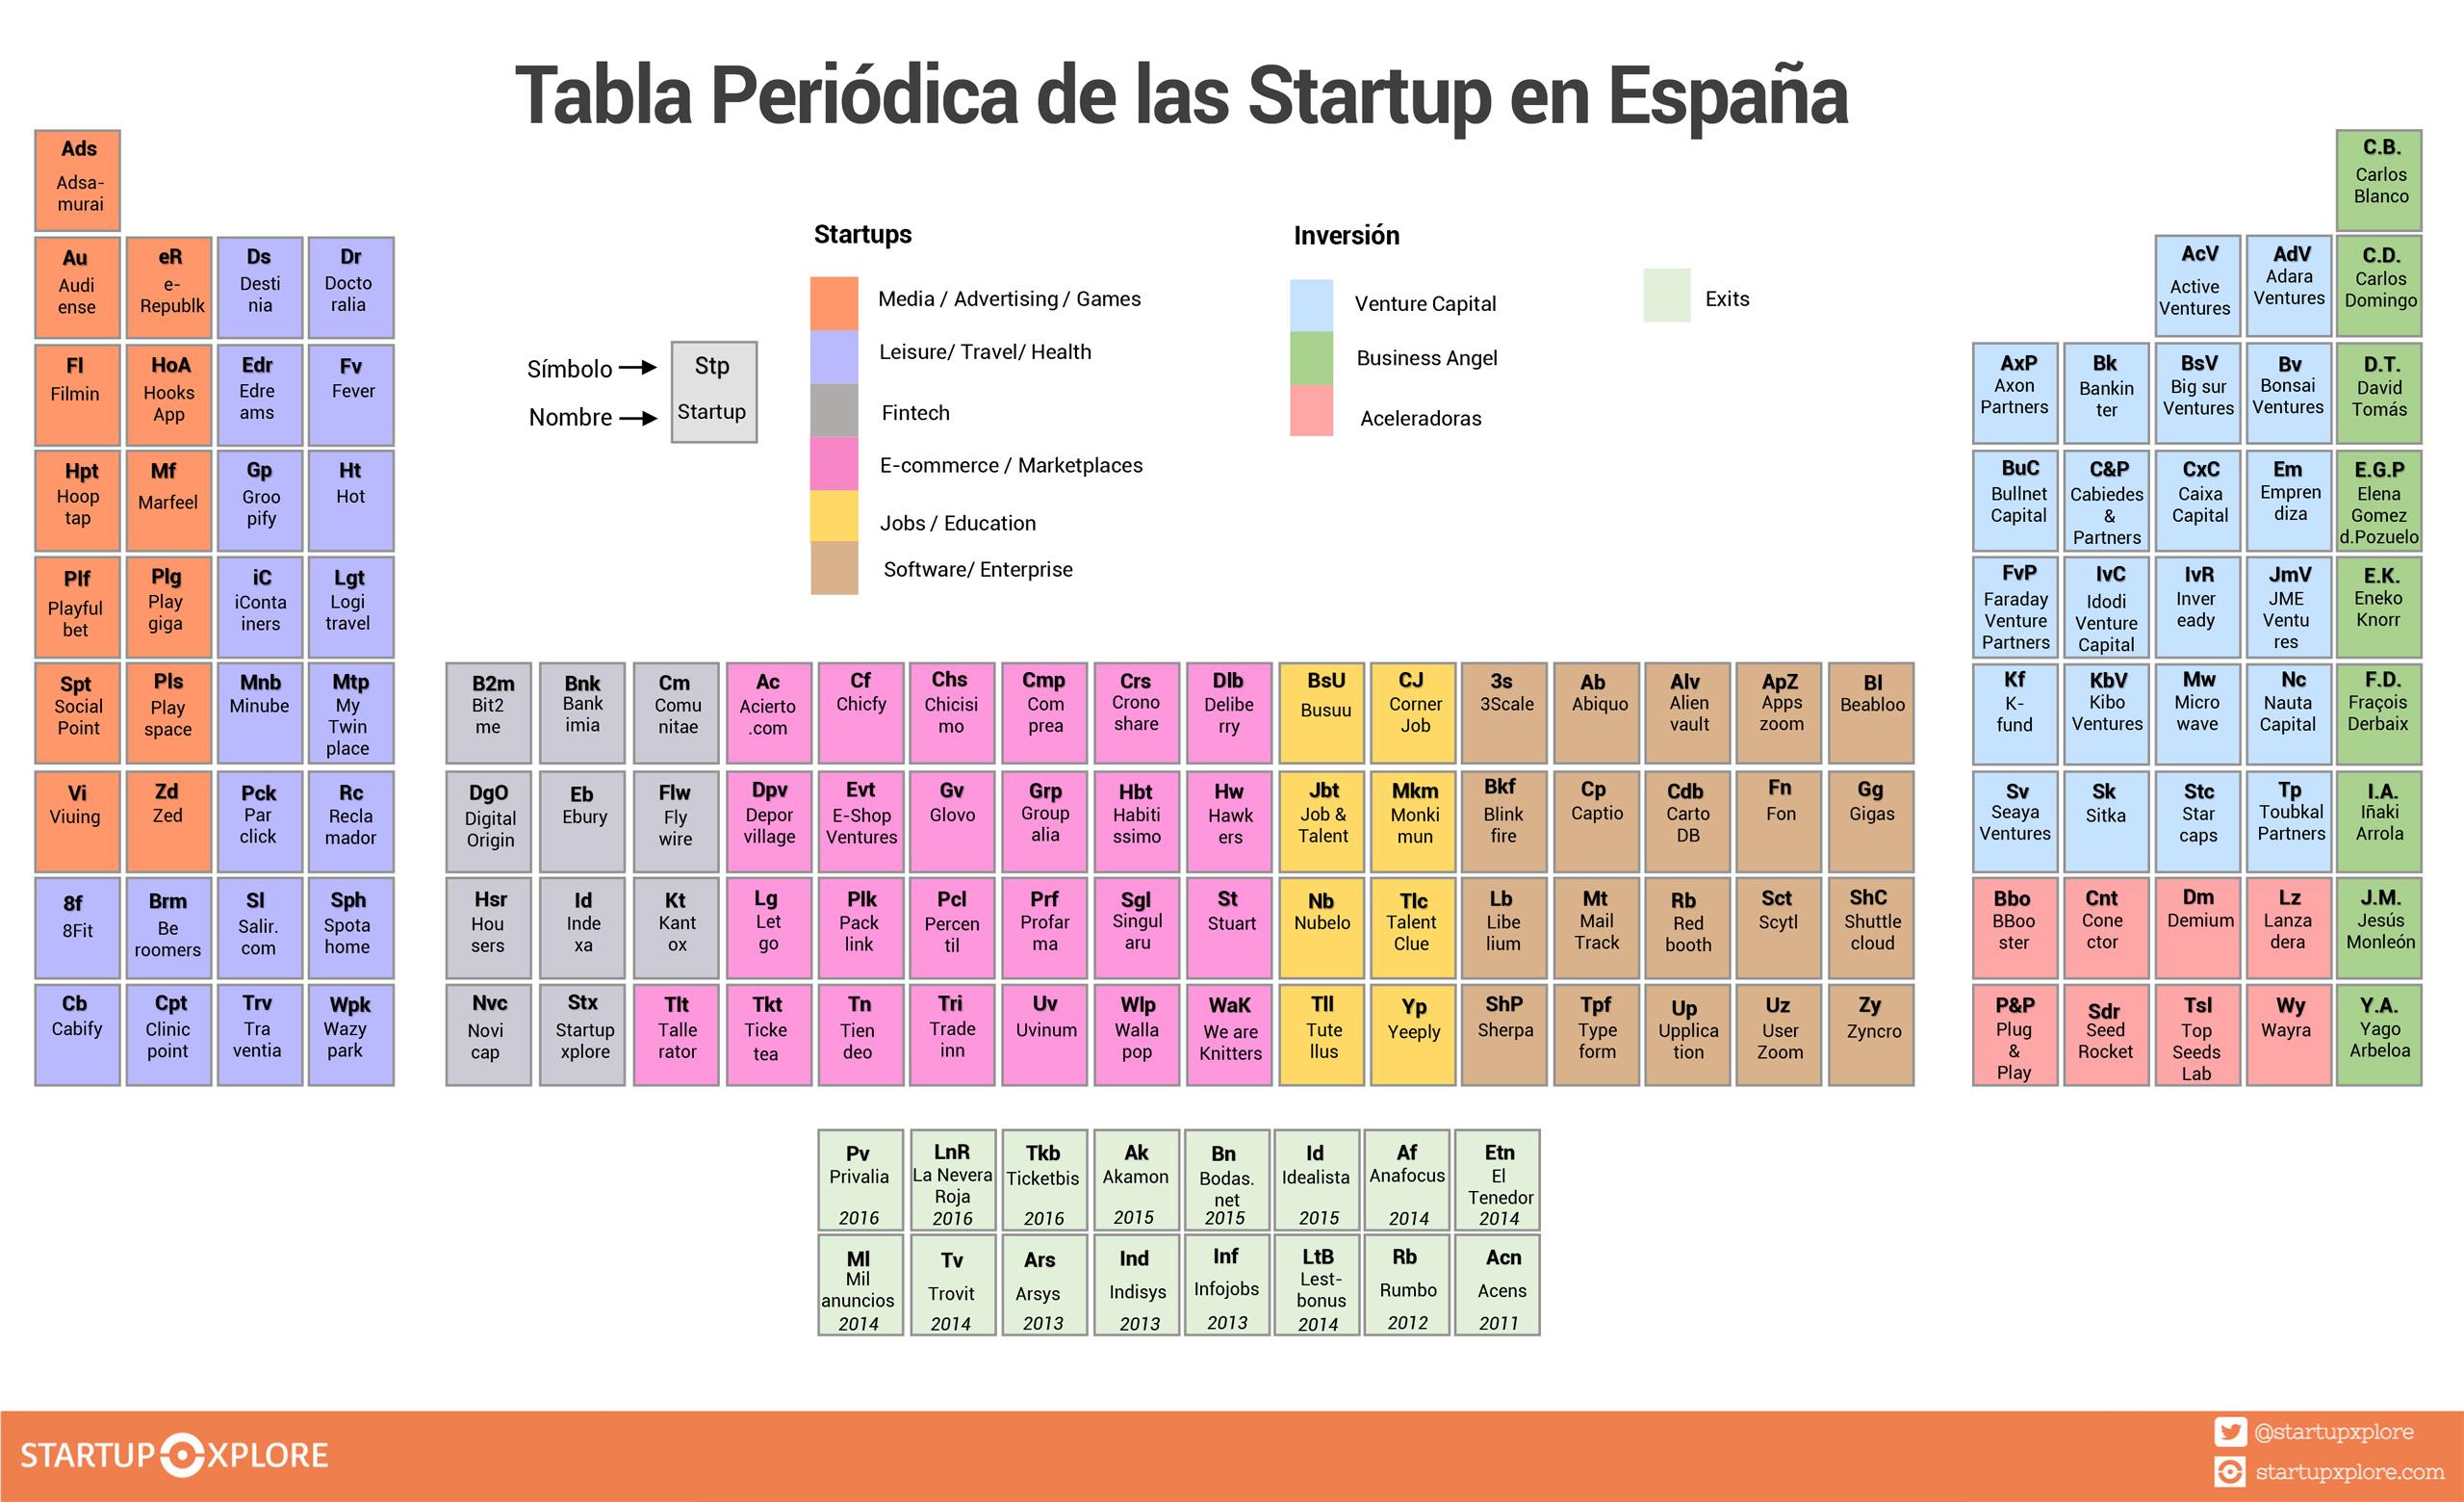 Tabla periódica startups España - Startupxplore